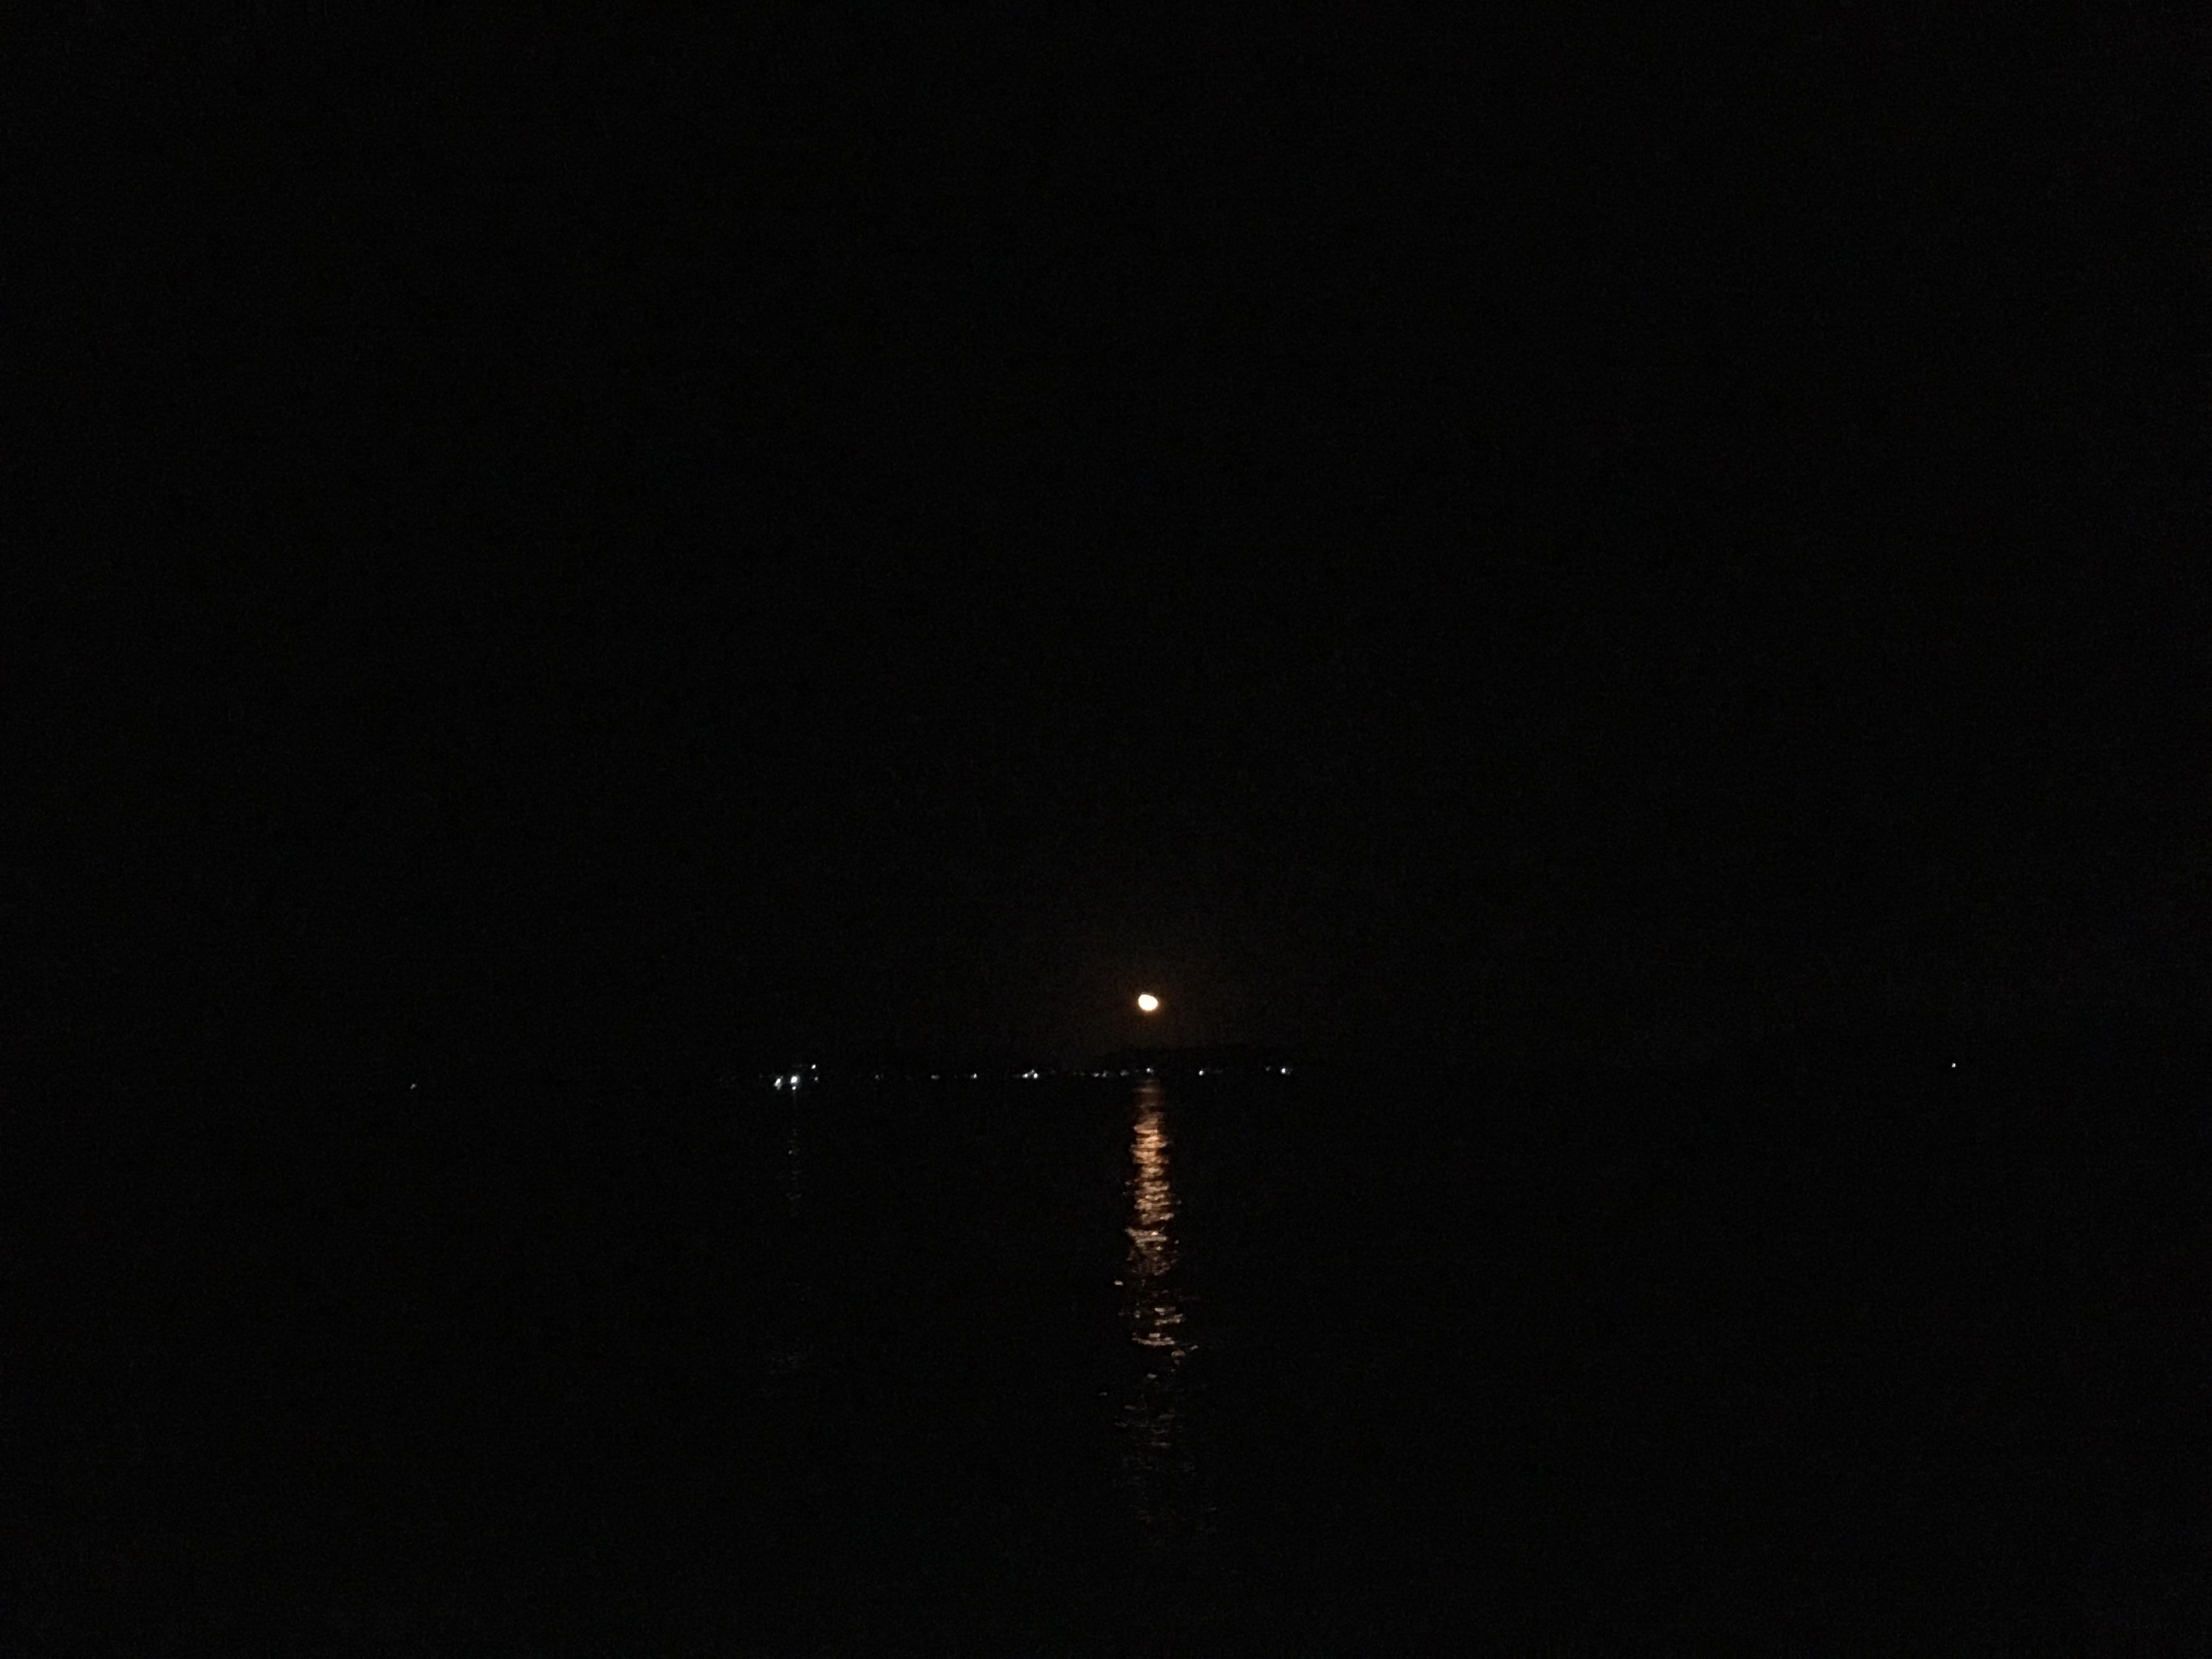 Biển trăng óng ánh tôi may mắn được chiêm ngưỡng